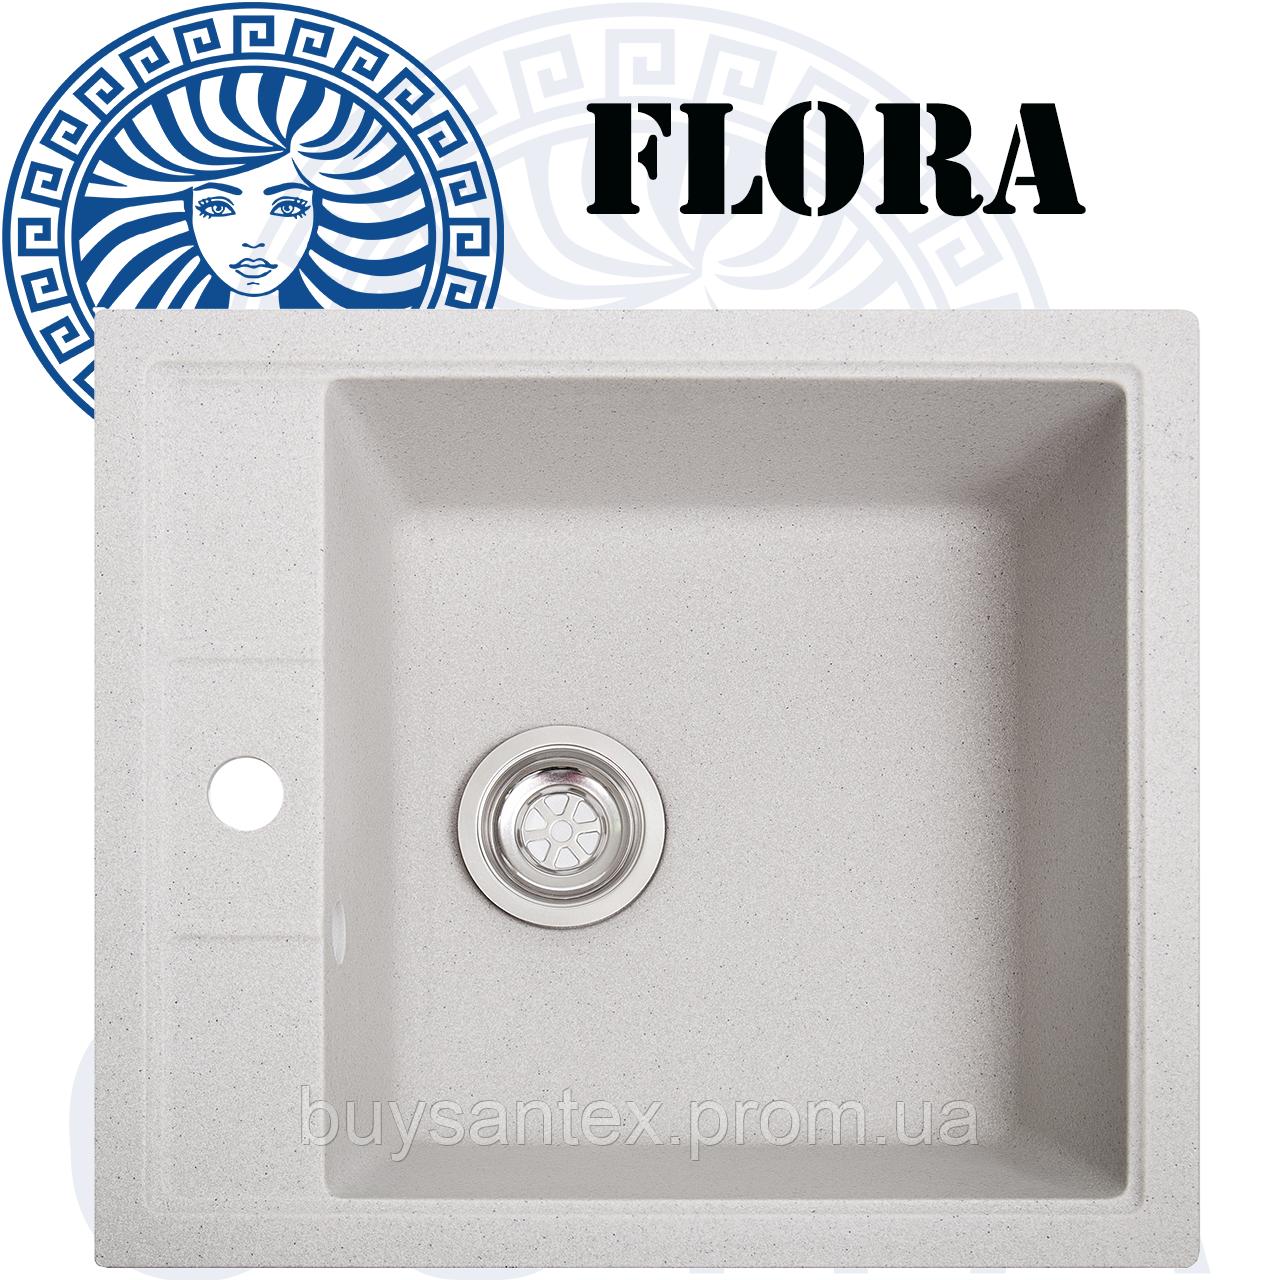 Кухонная мойка Cora - Flora Ivory